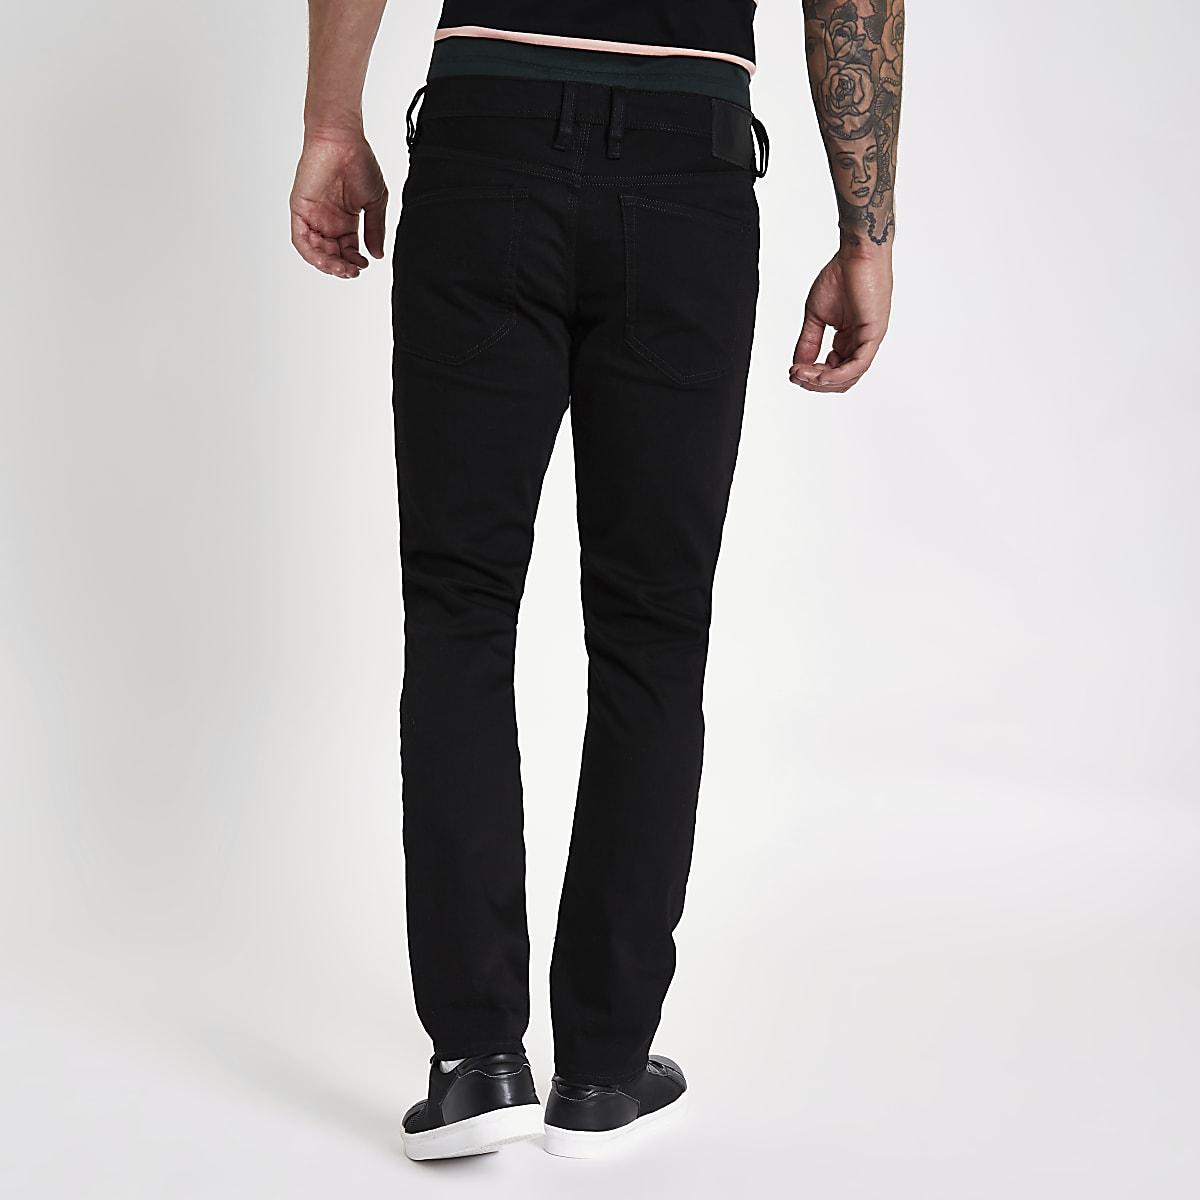 93381d936 Stay Black Dylan slim fit jeans - Slim Jeans - Jeans - men